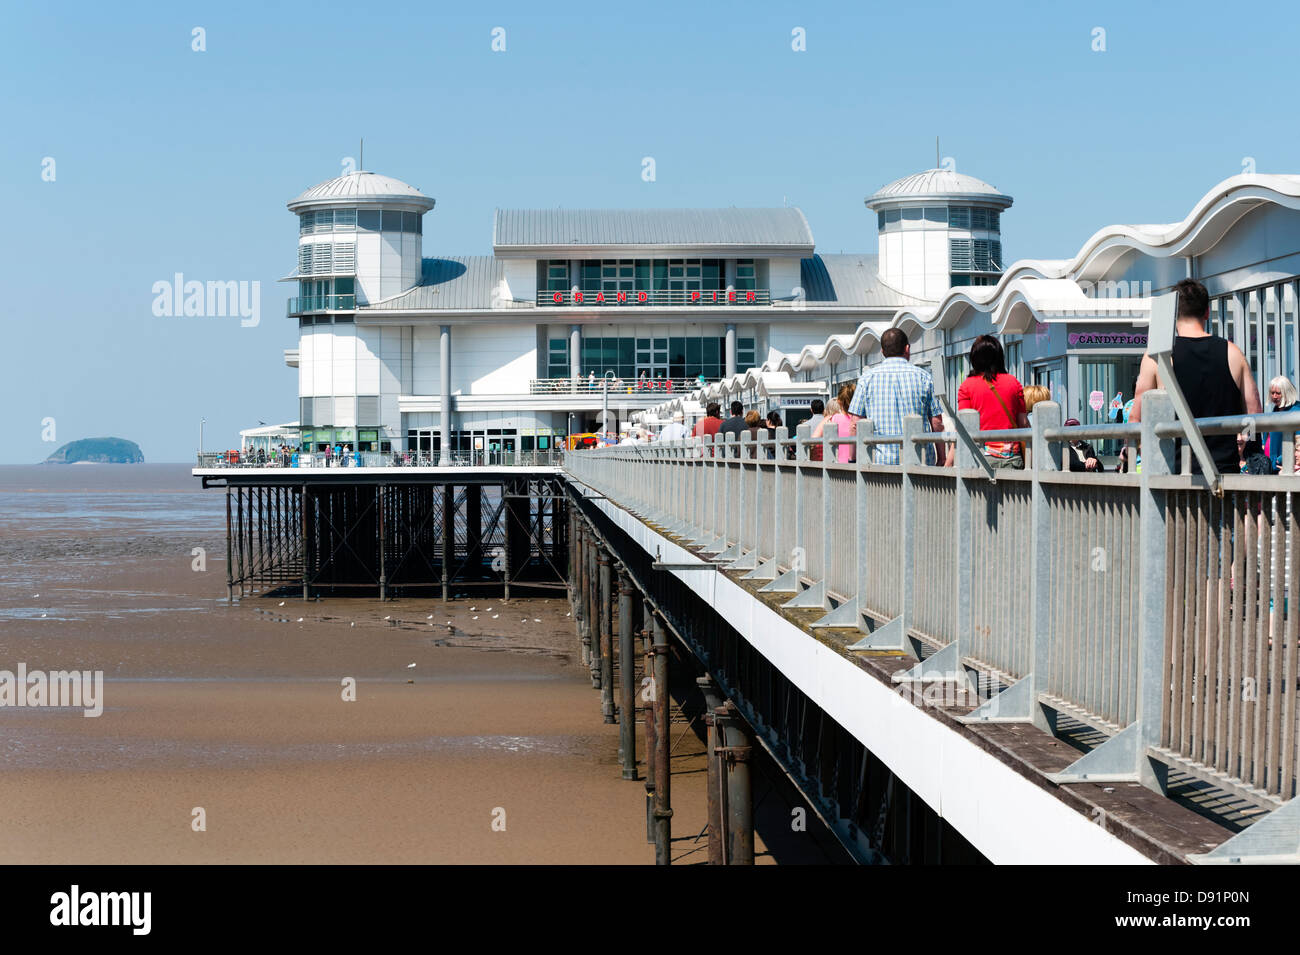 La gente camminare lungo il Grand Pier a Weston Super Mare, Regno Unito. Immagini Stock